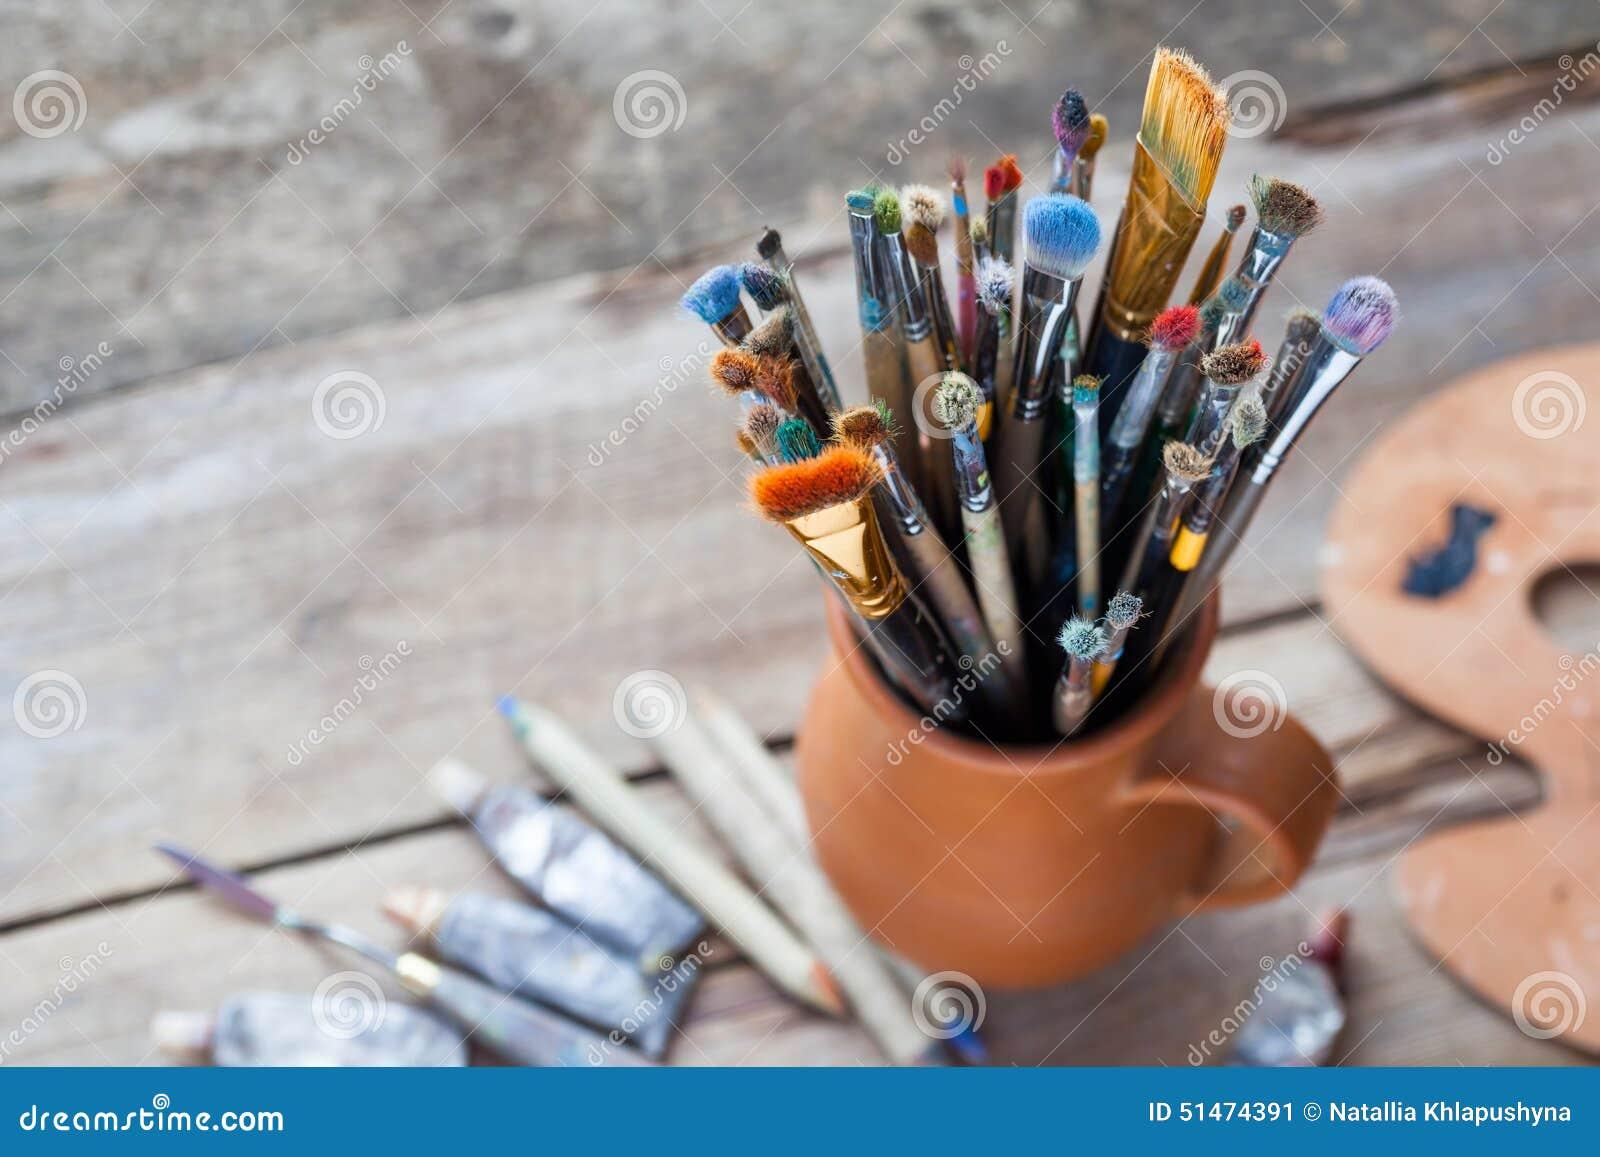 pinceaux dans une cruche des tubes de potiers argile de palette et de peinture image stock. Black Bedroom Furniture Sets. Home Design Ideas